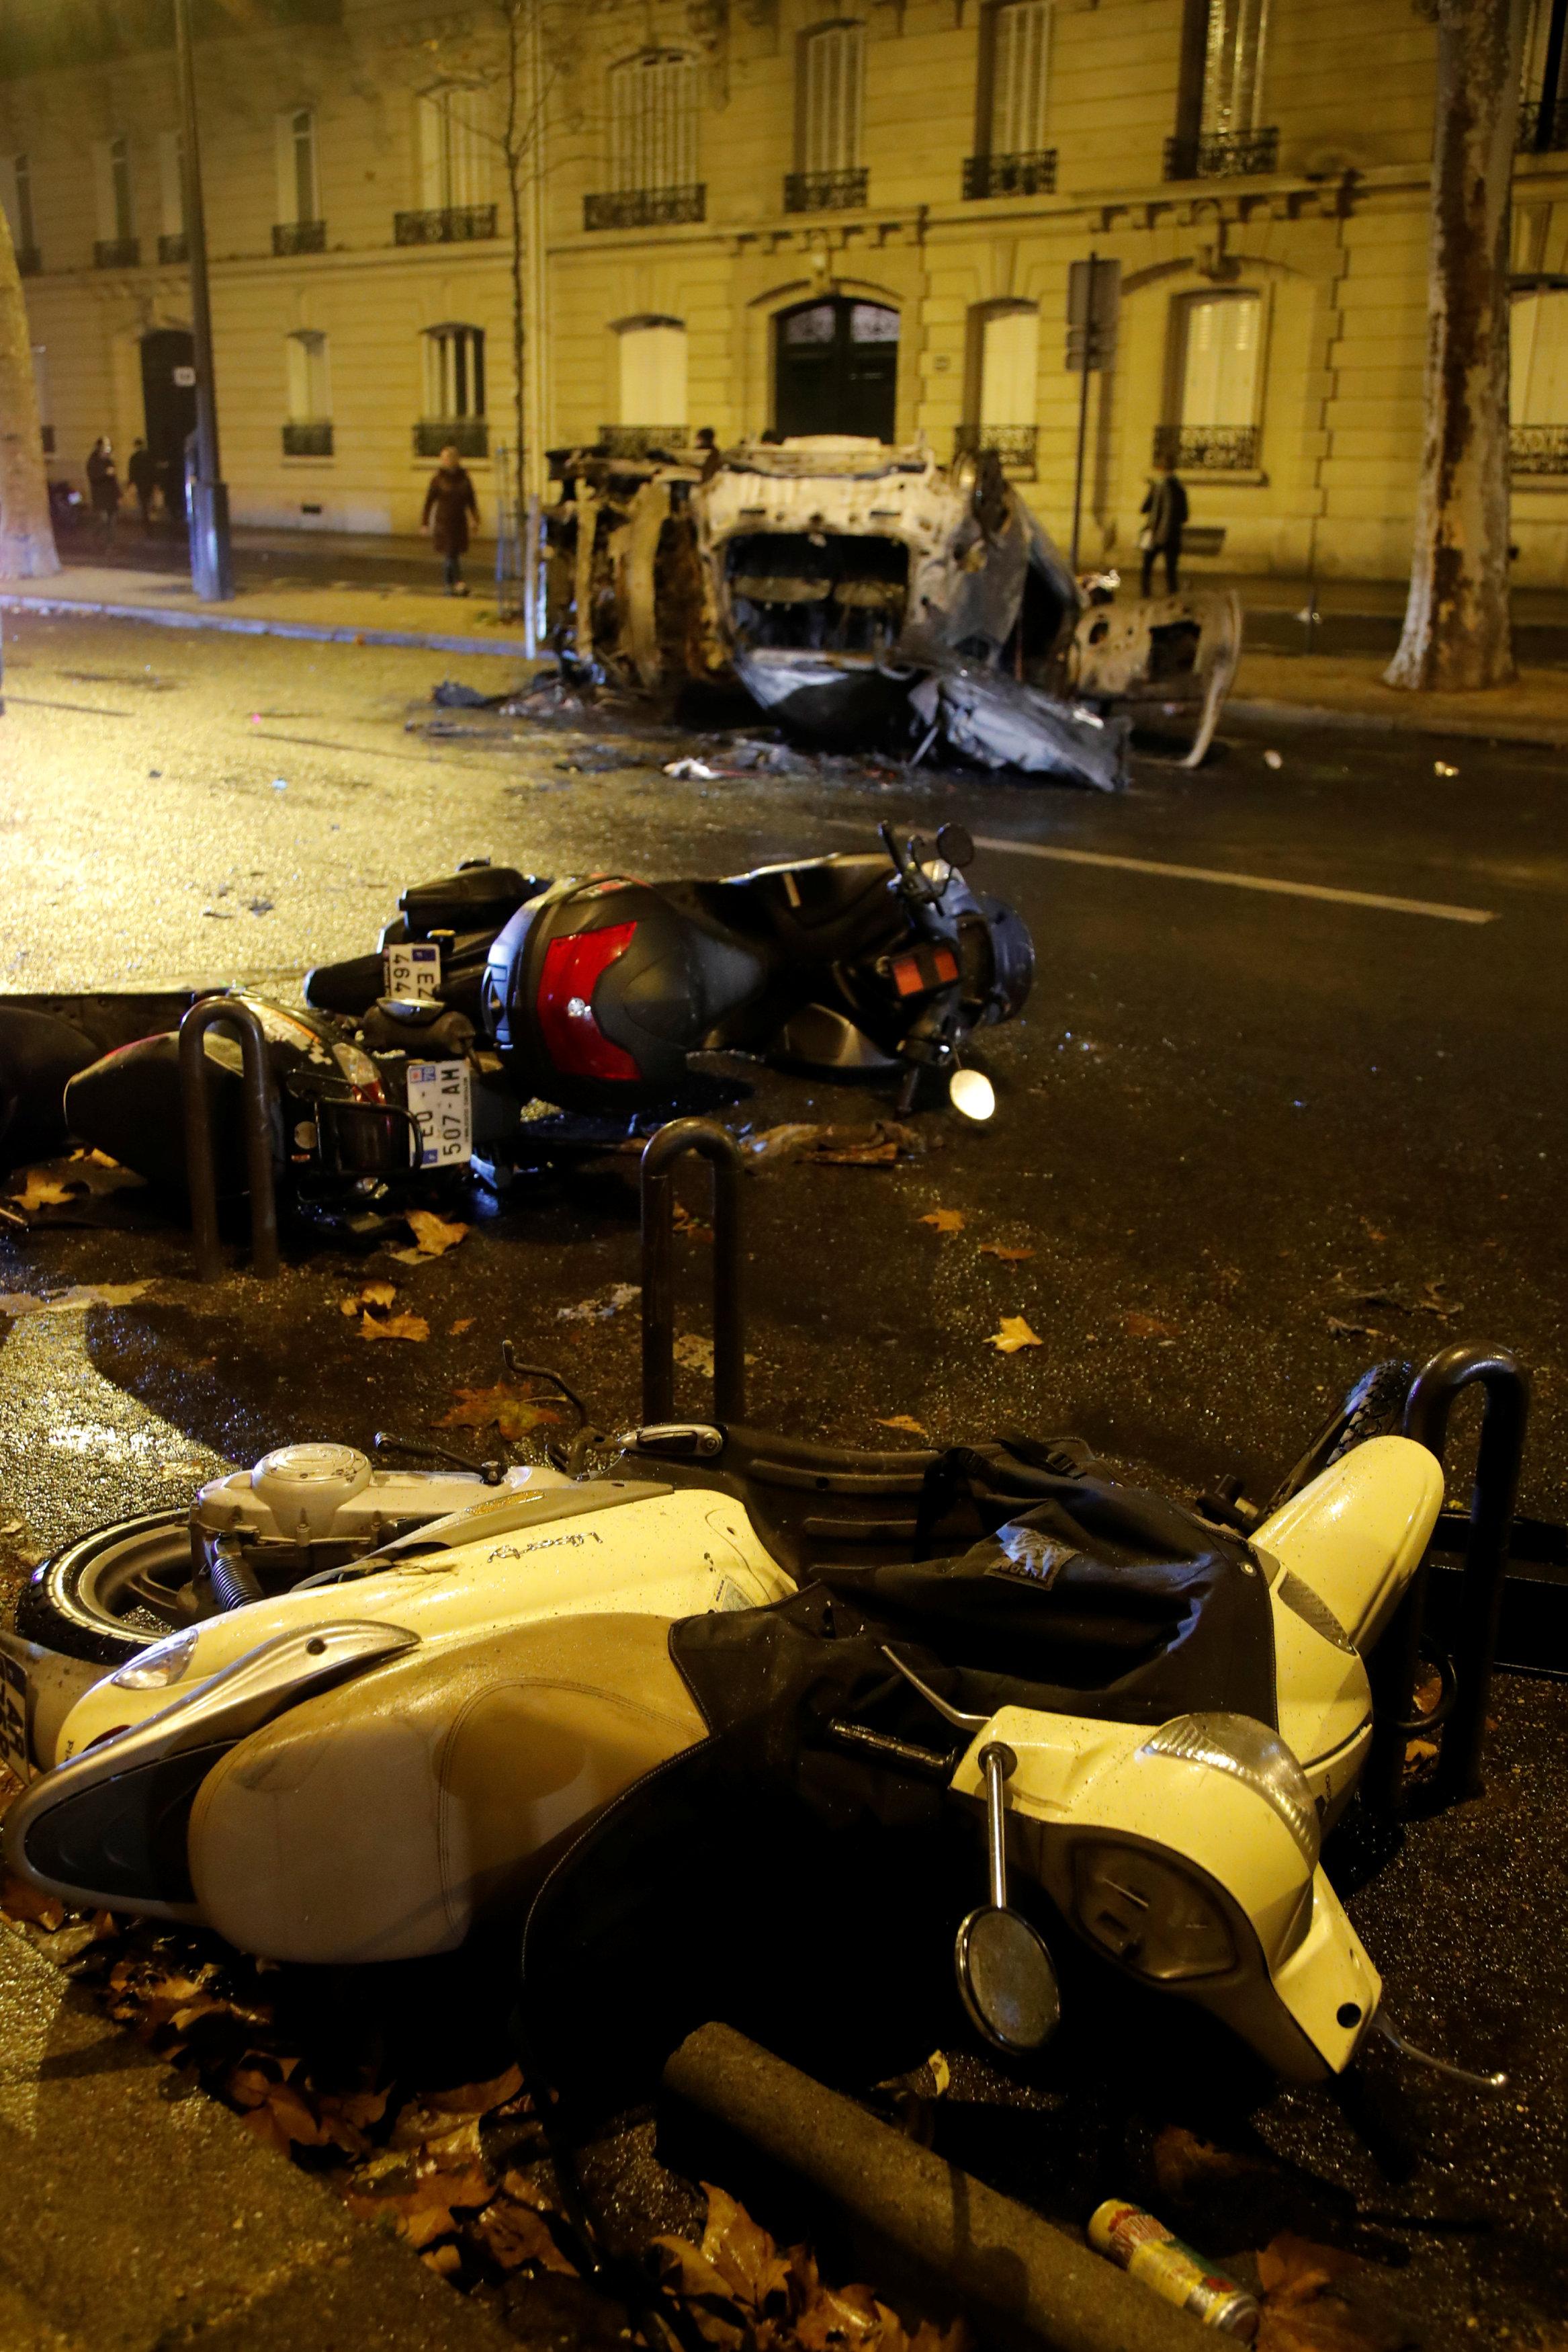 مظاهر التخريب والدمار تهيمن على العاصمة الفرنسية